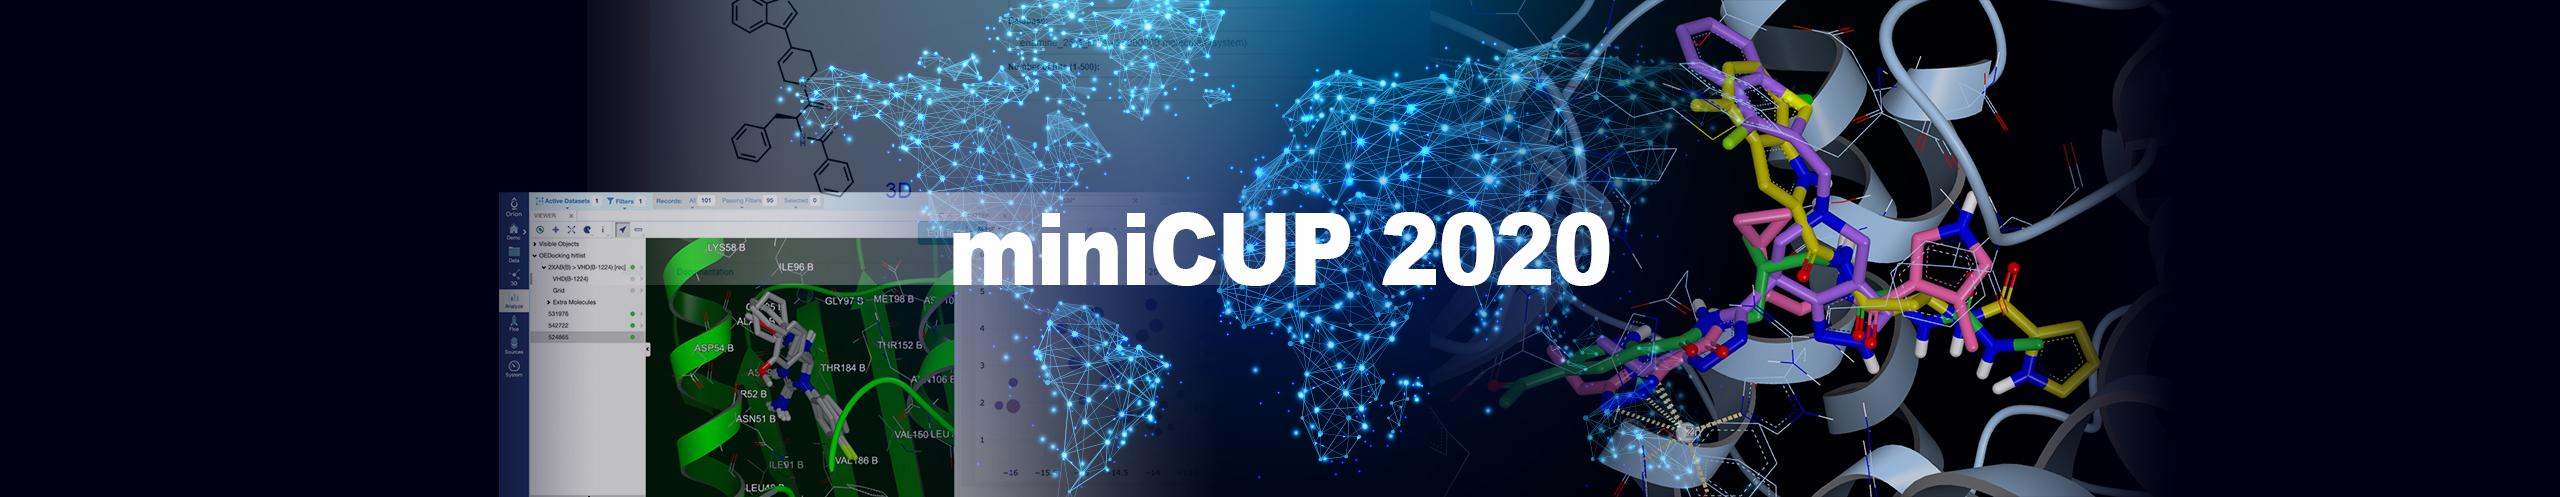 OpenEye miniCUP 2020